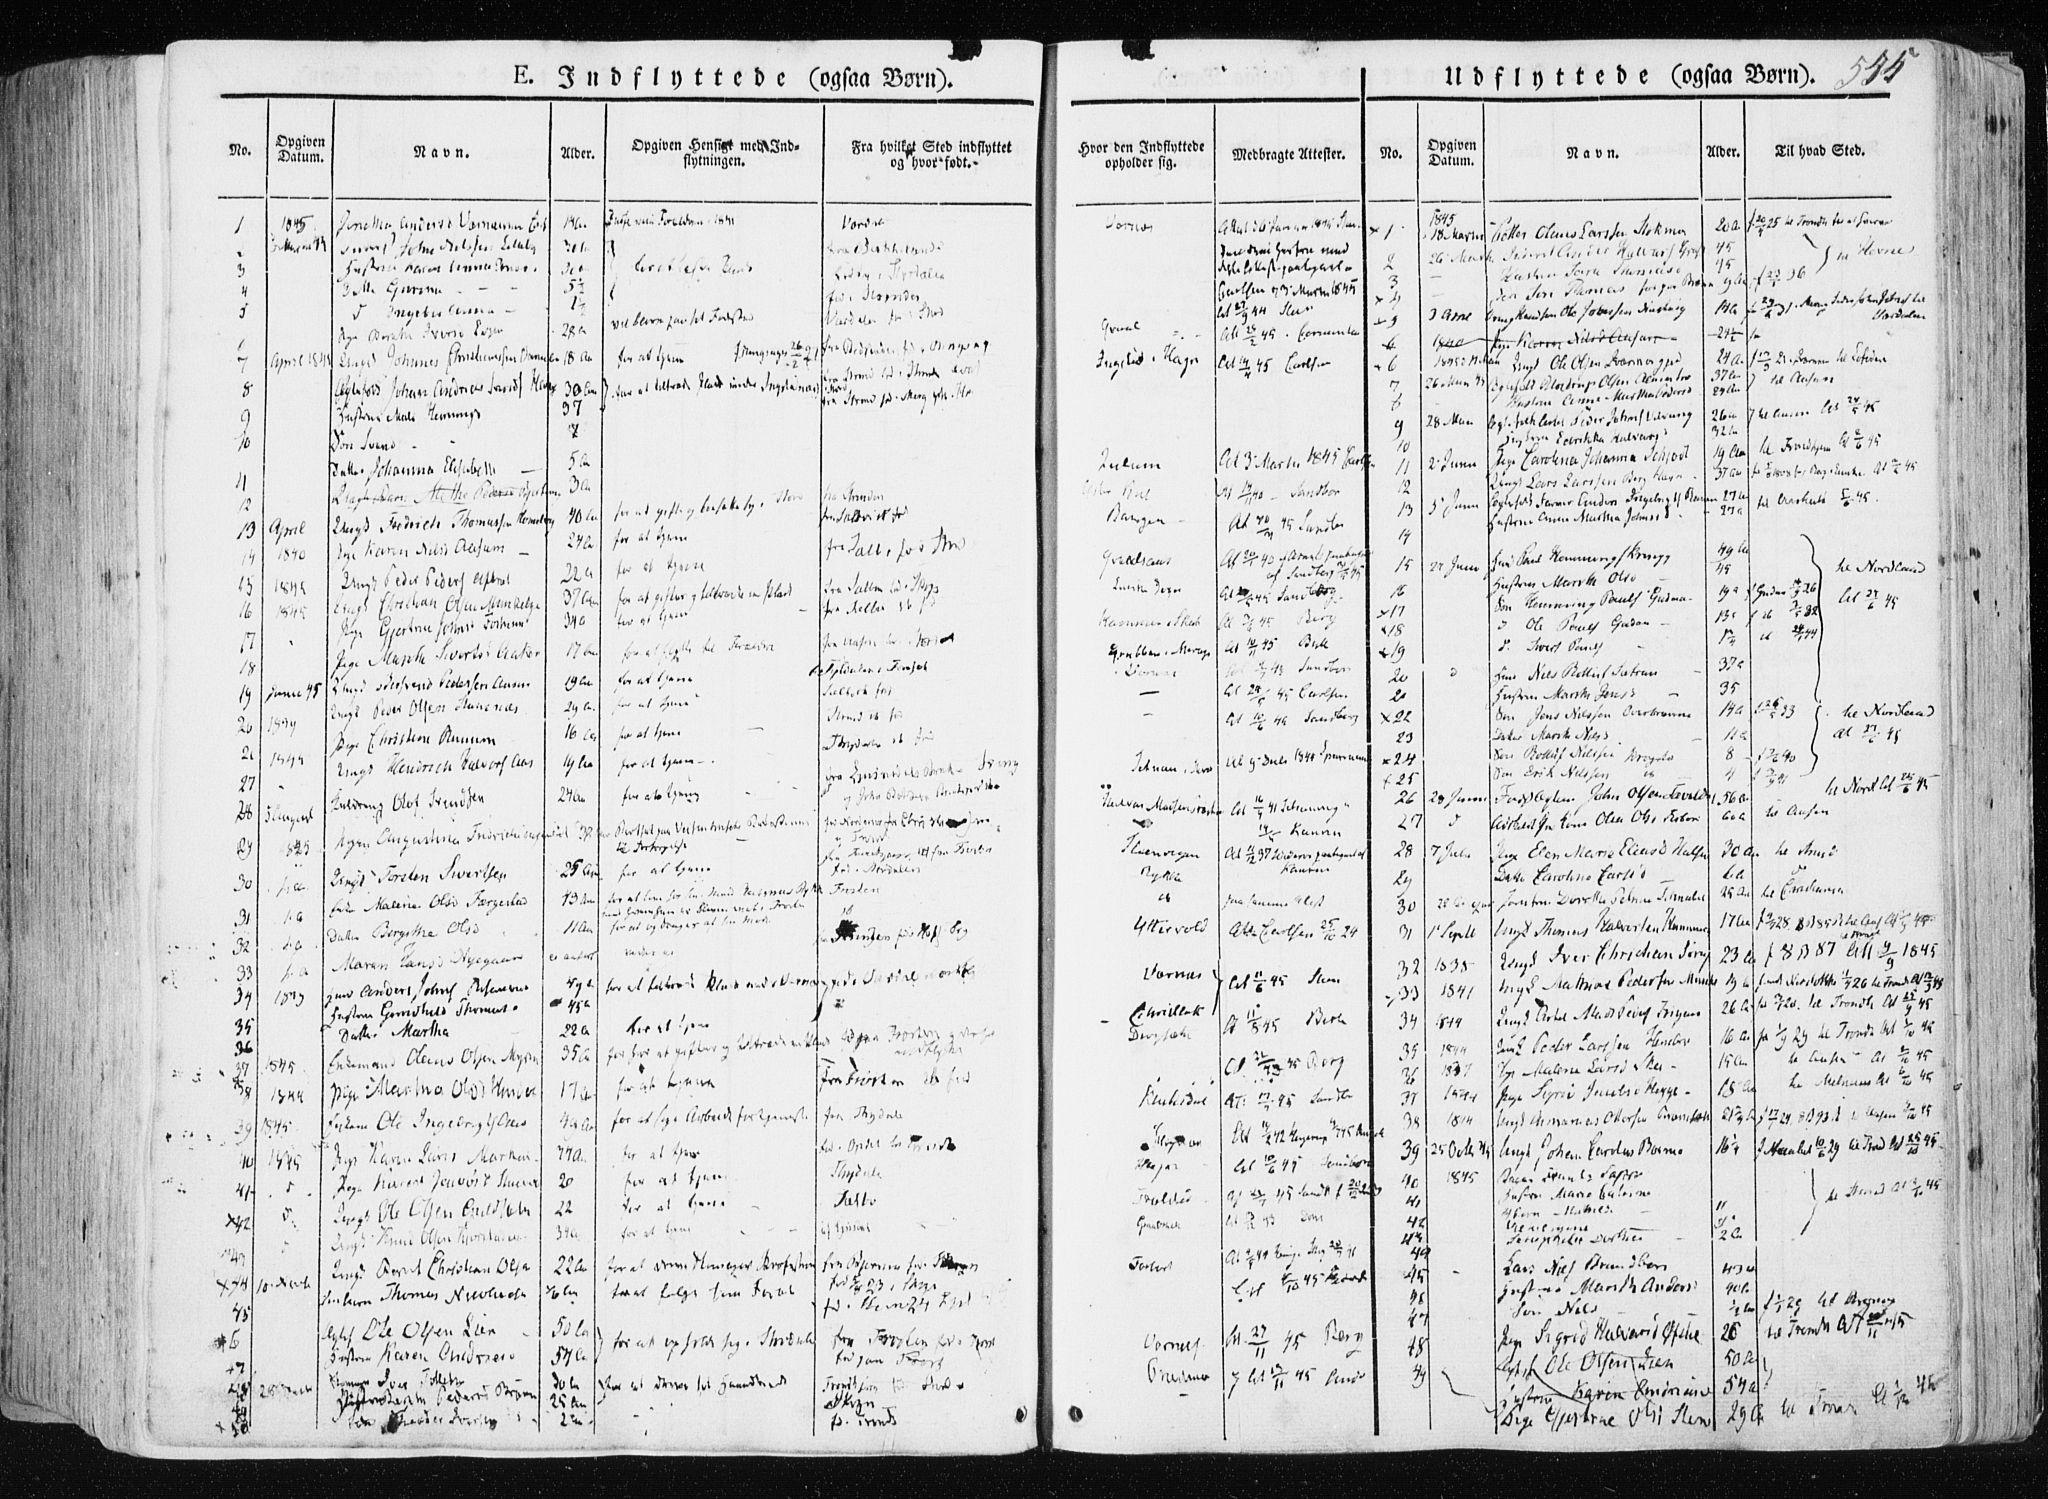 SAT, Ministerialprotokoller, klokkerbøker og fødselsregistre - Nord-Trøndelag, 709/L0074: Ministerialbok nr. 709A14, 1845-1858, s. 545